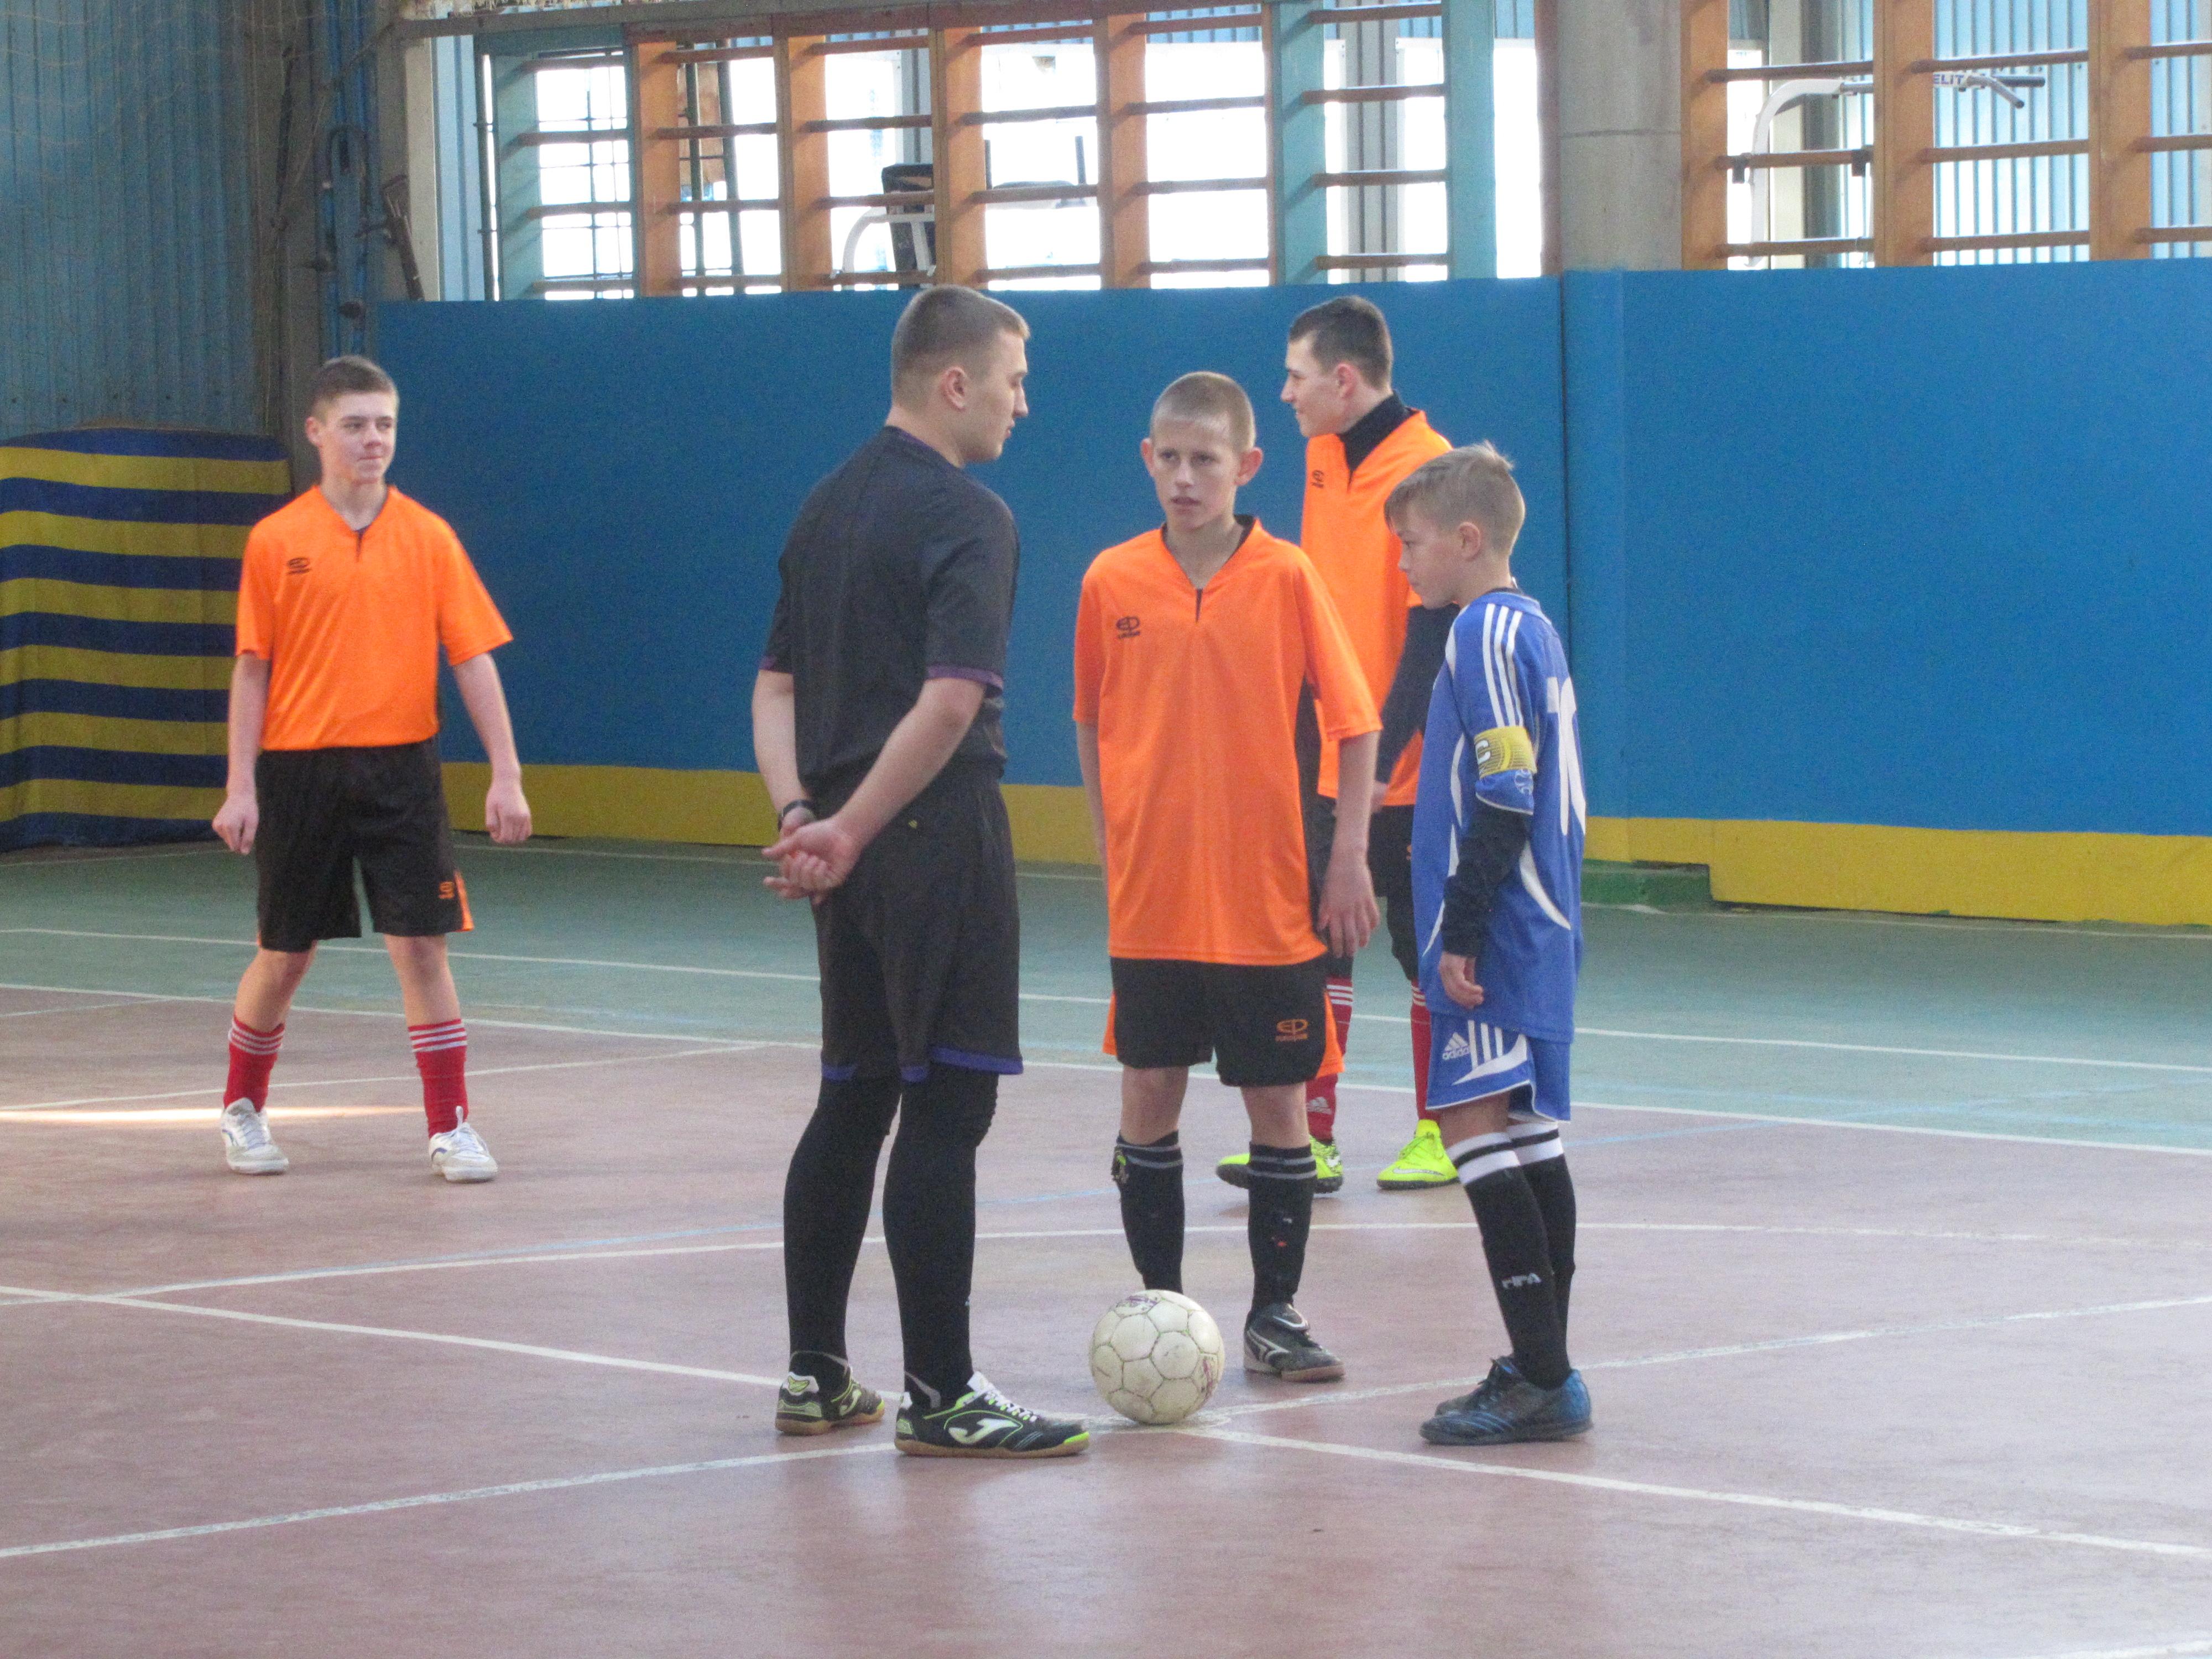 28 січня відбулись півфінальні матчі Чемпіонату Херсонської області з футзалу серед юнаків 2003-2004 років народження